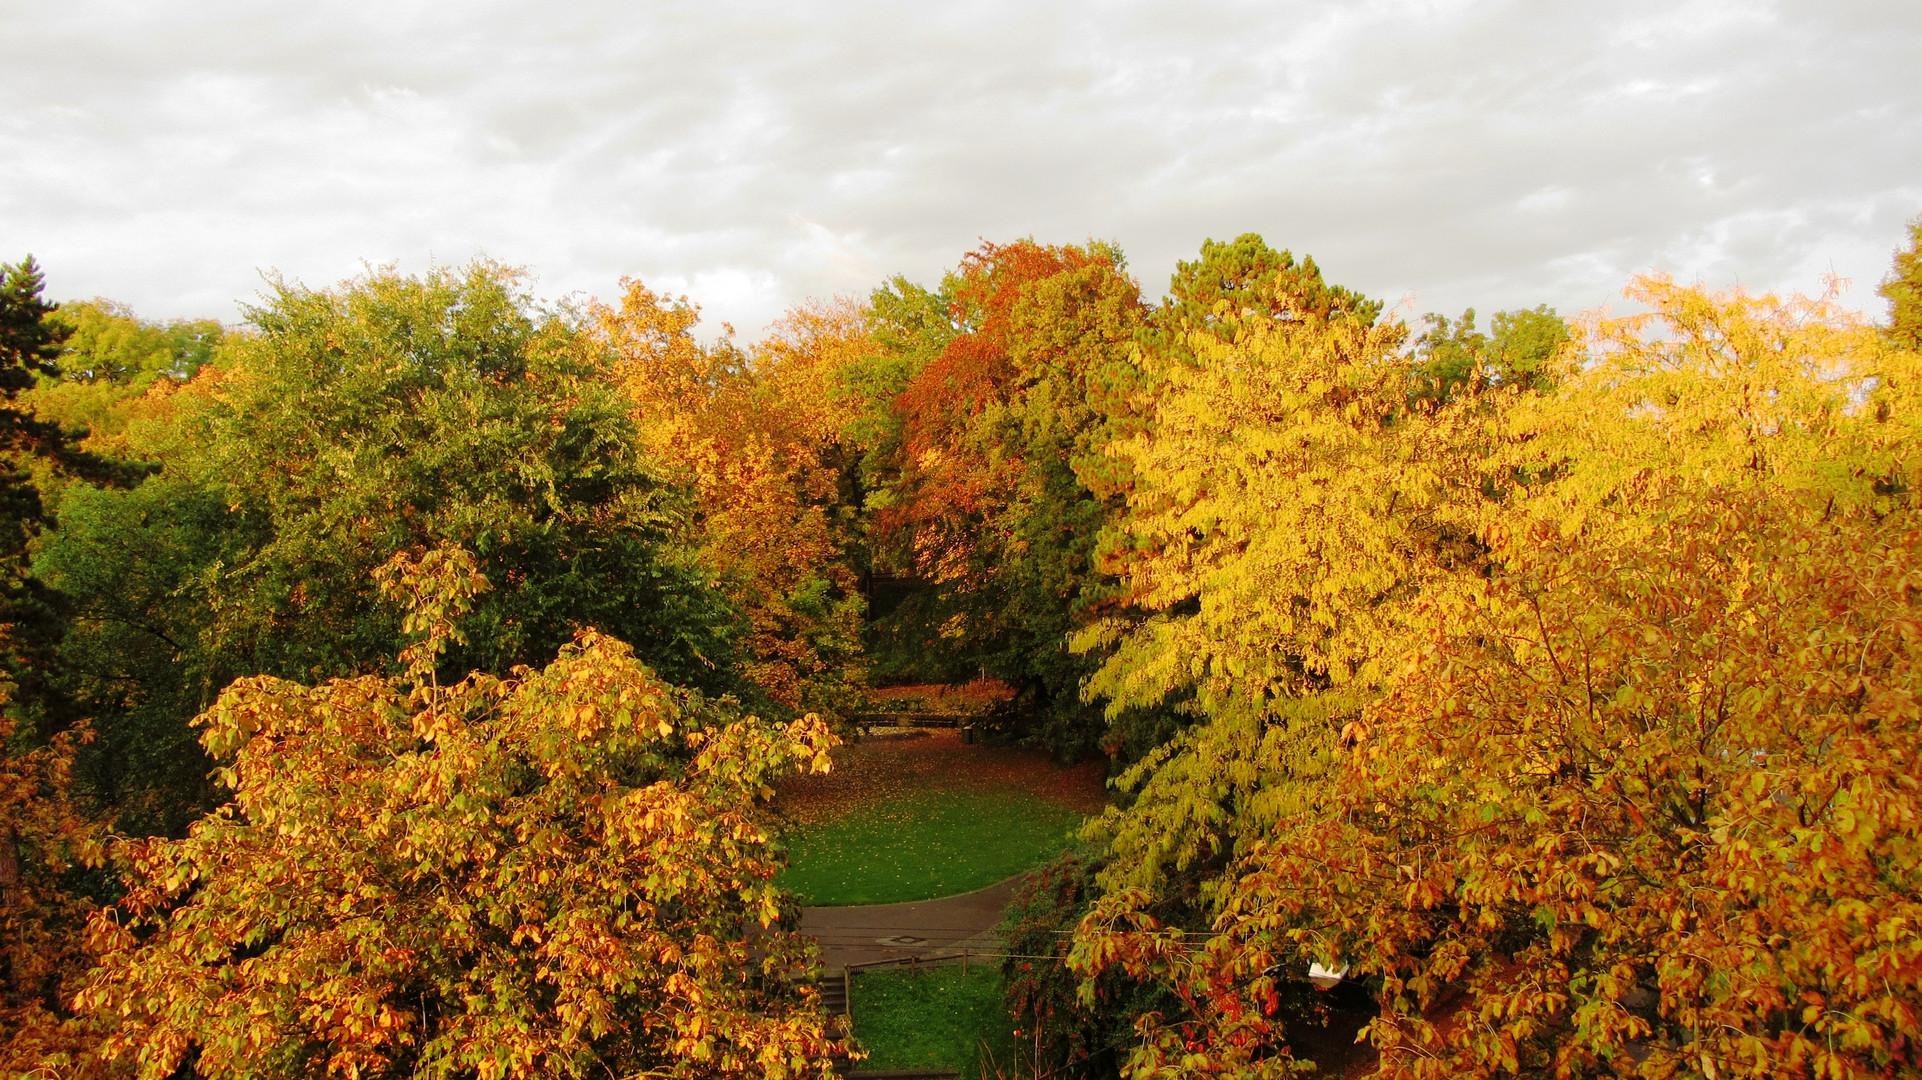 Aus dem Fenster - Herbst